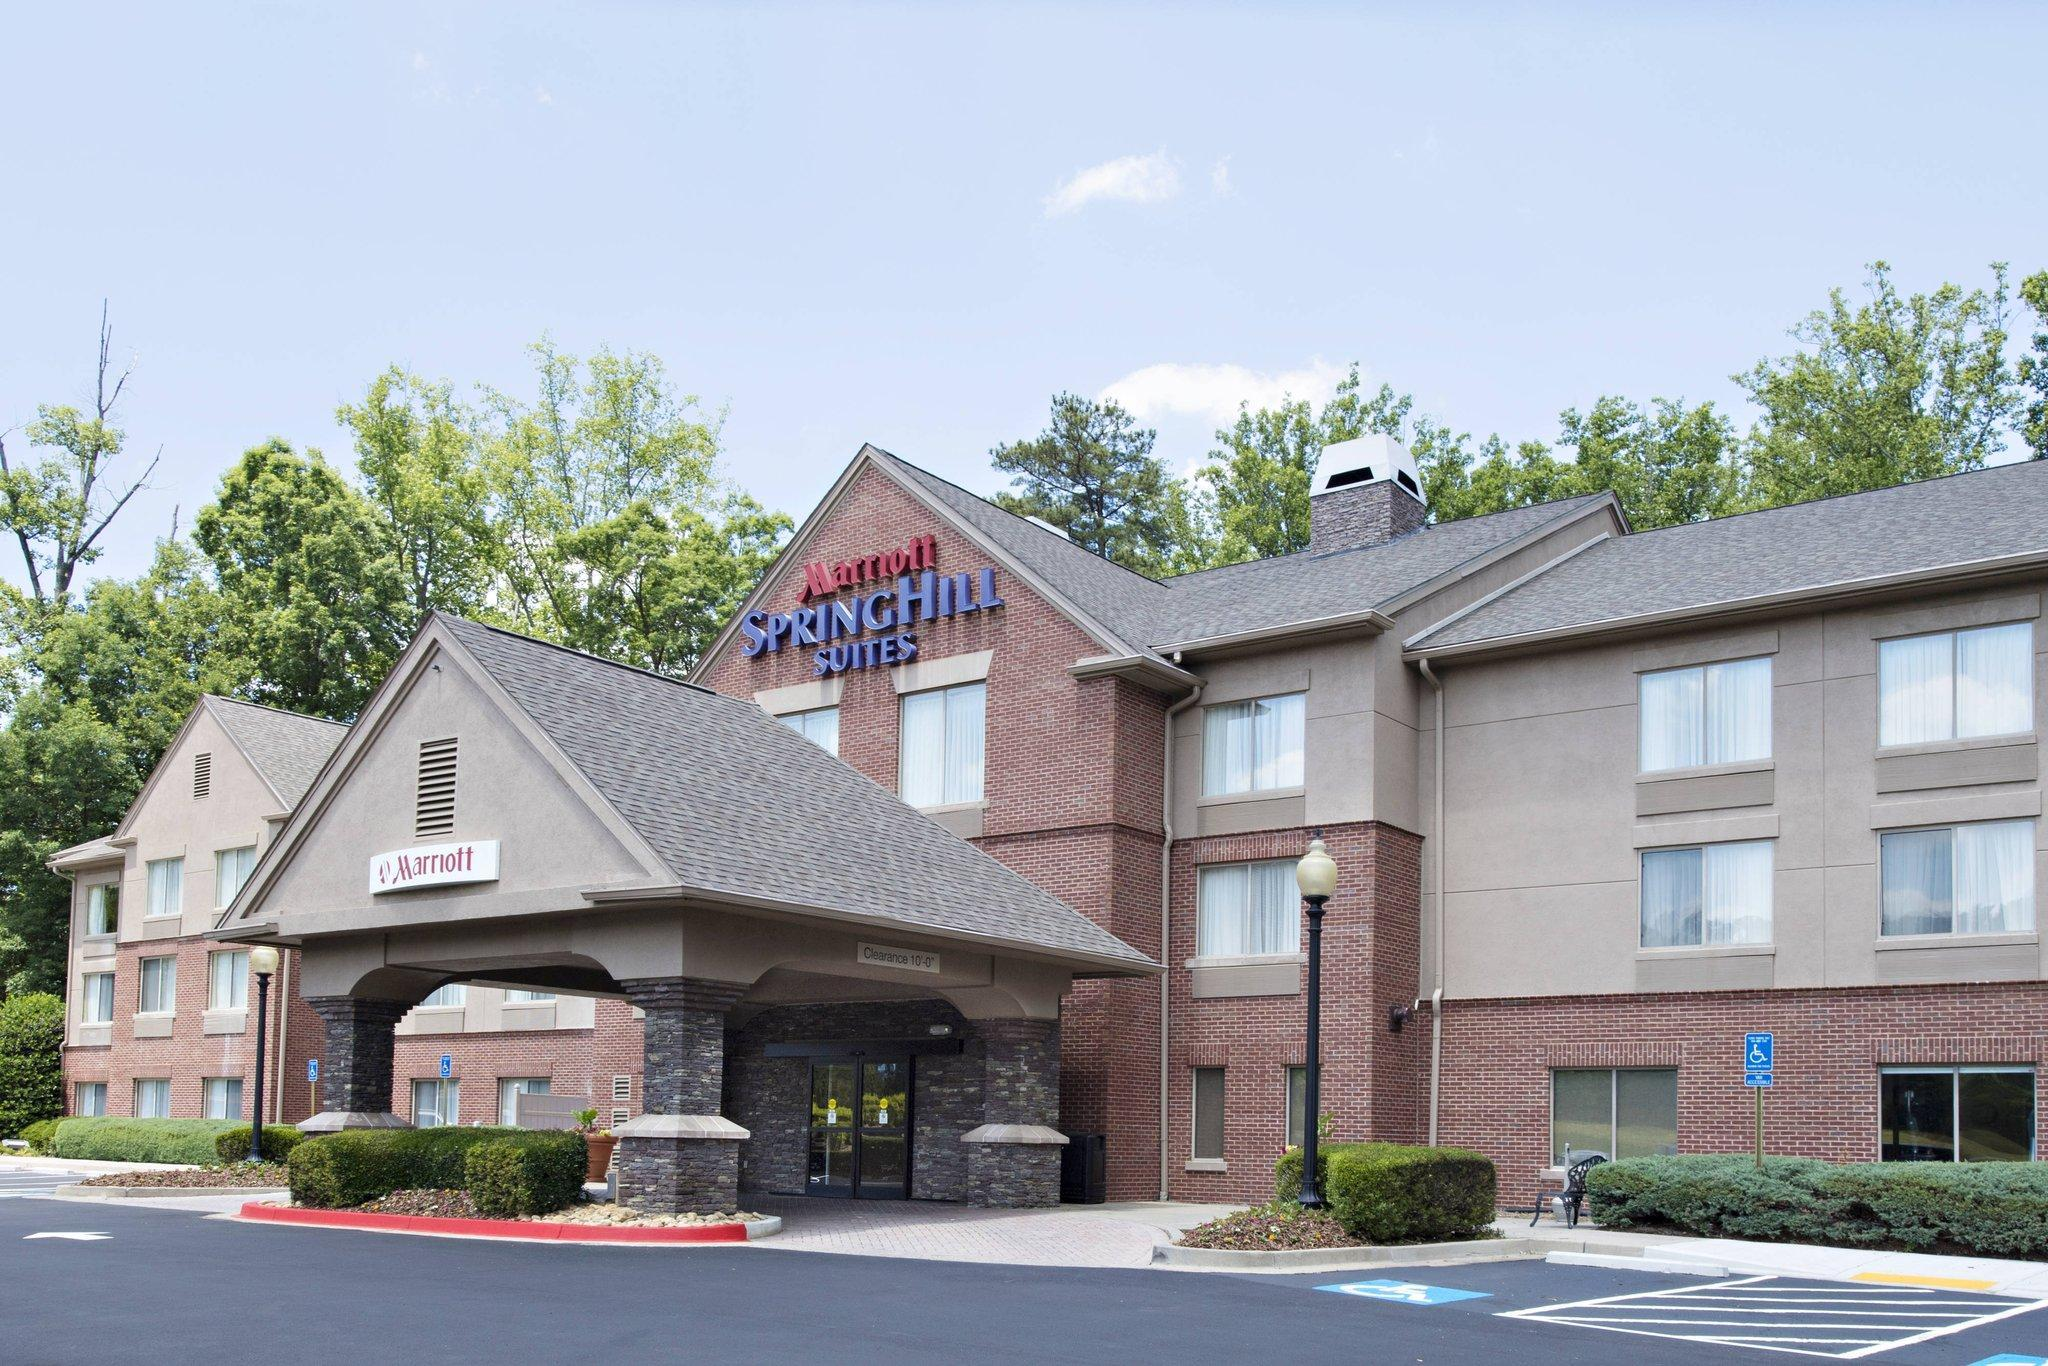 SpringHill Suites Atlanta Alpharetta